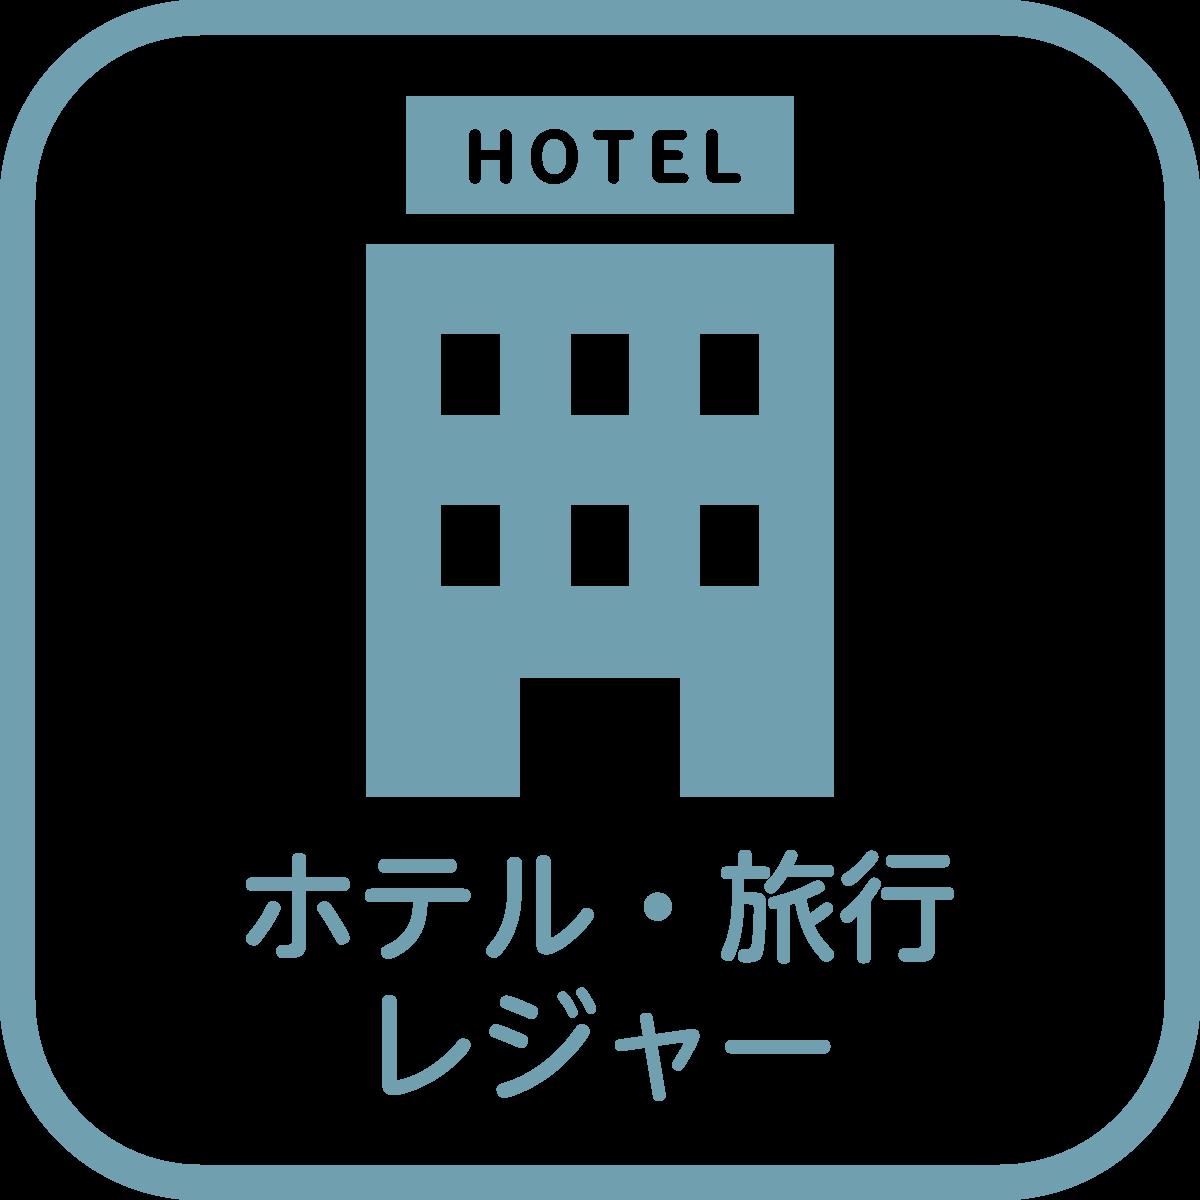 ホテル・旅行・レジャー